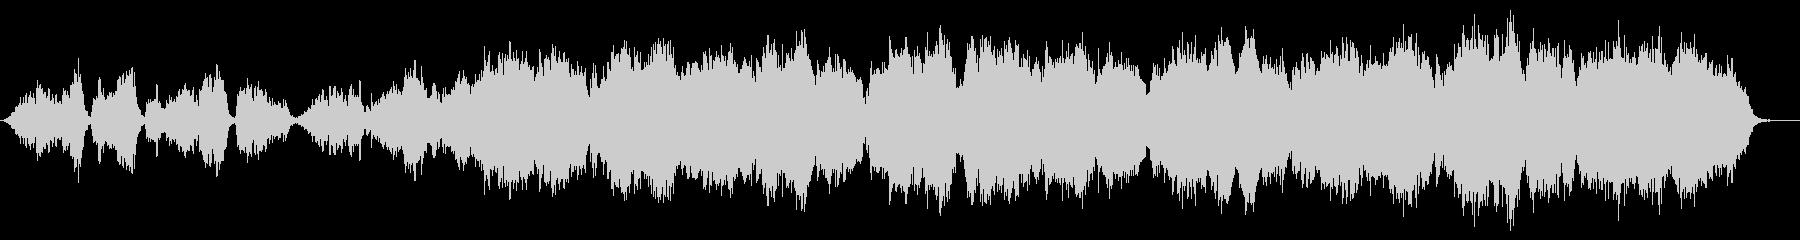 神秘的な雅楽「越天楽」弦楽編曲の未再生の波形